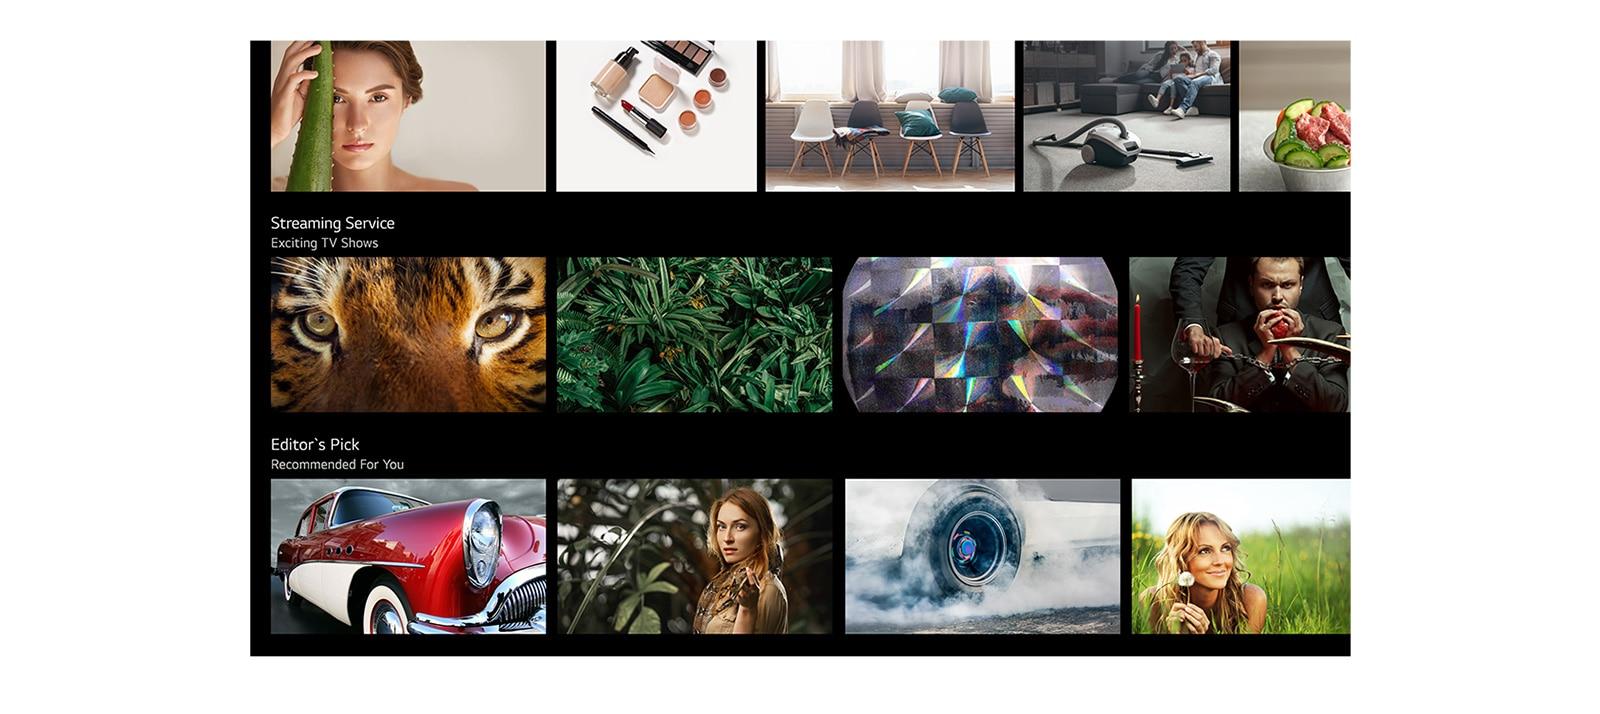 電視螢幕顯示列出與 LG ThinQ AI 所推薦的各種內容